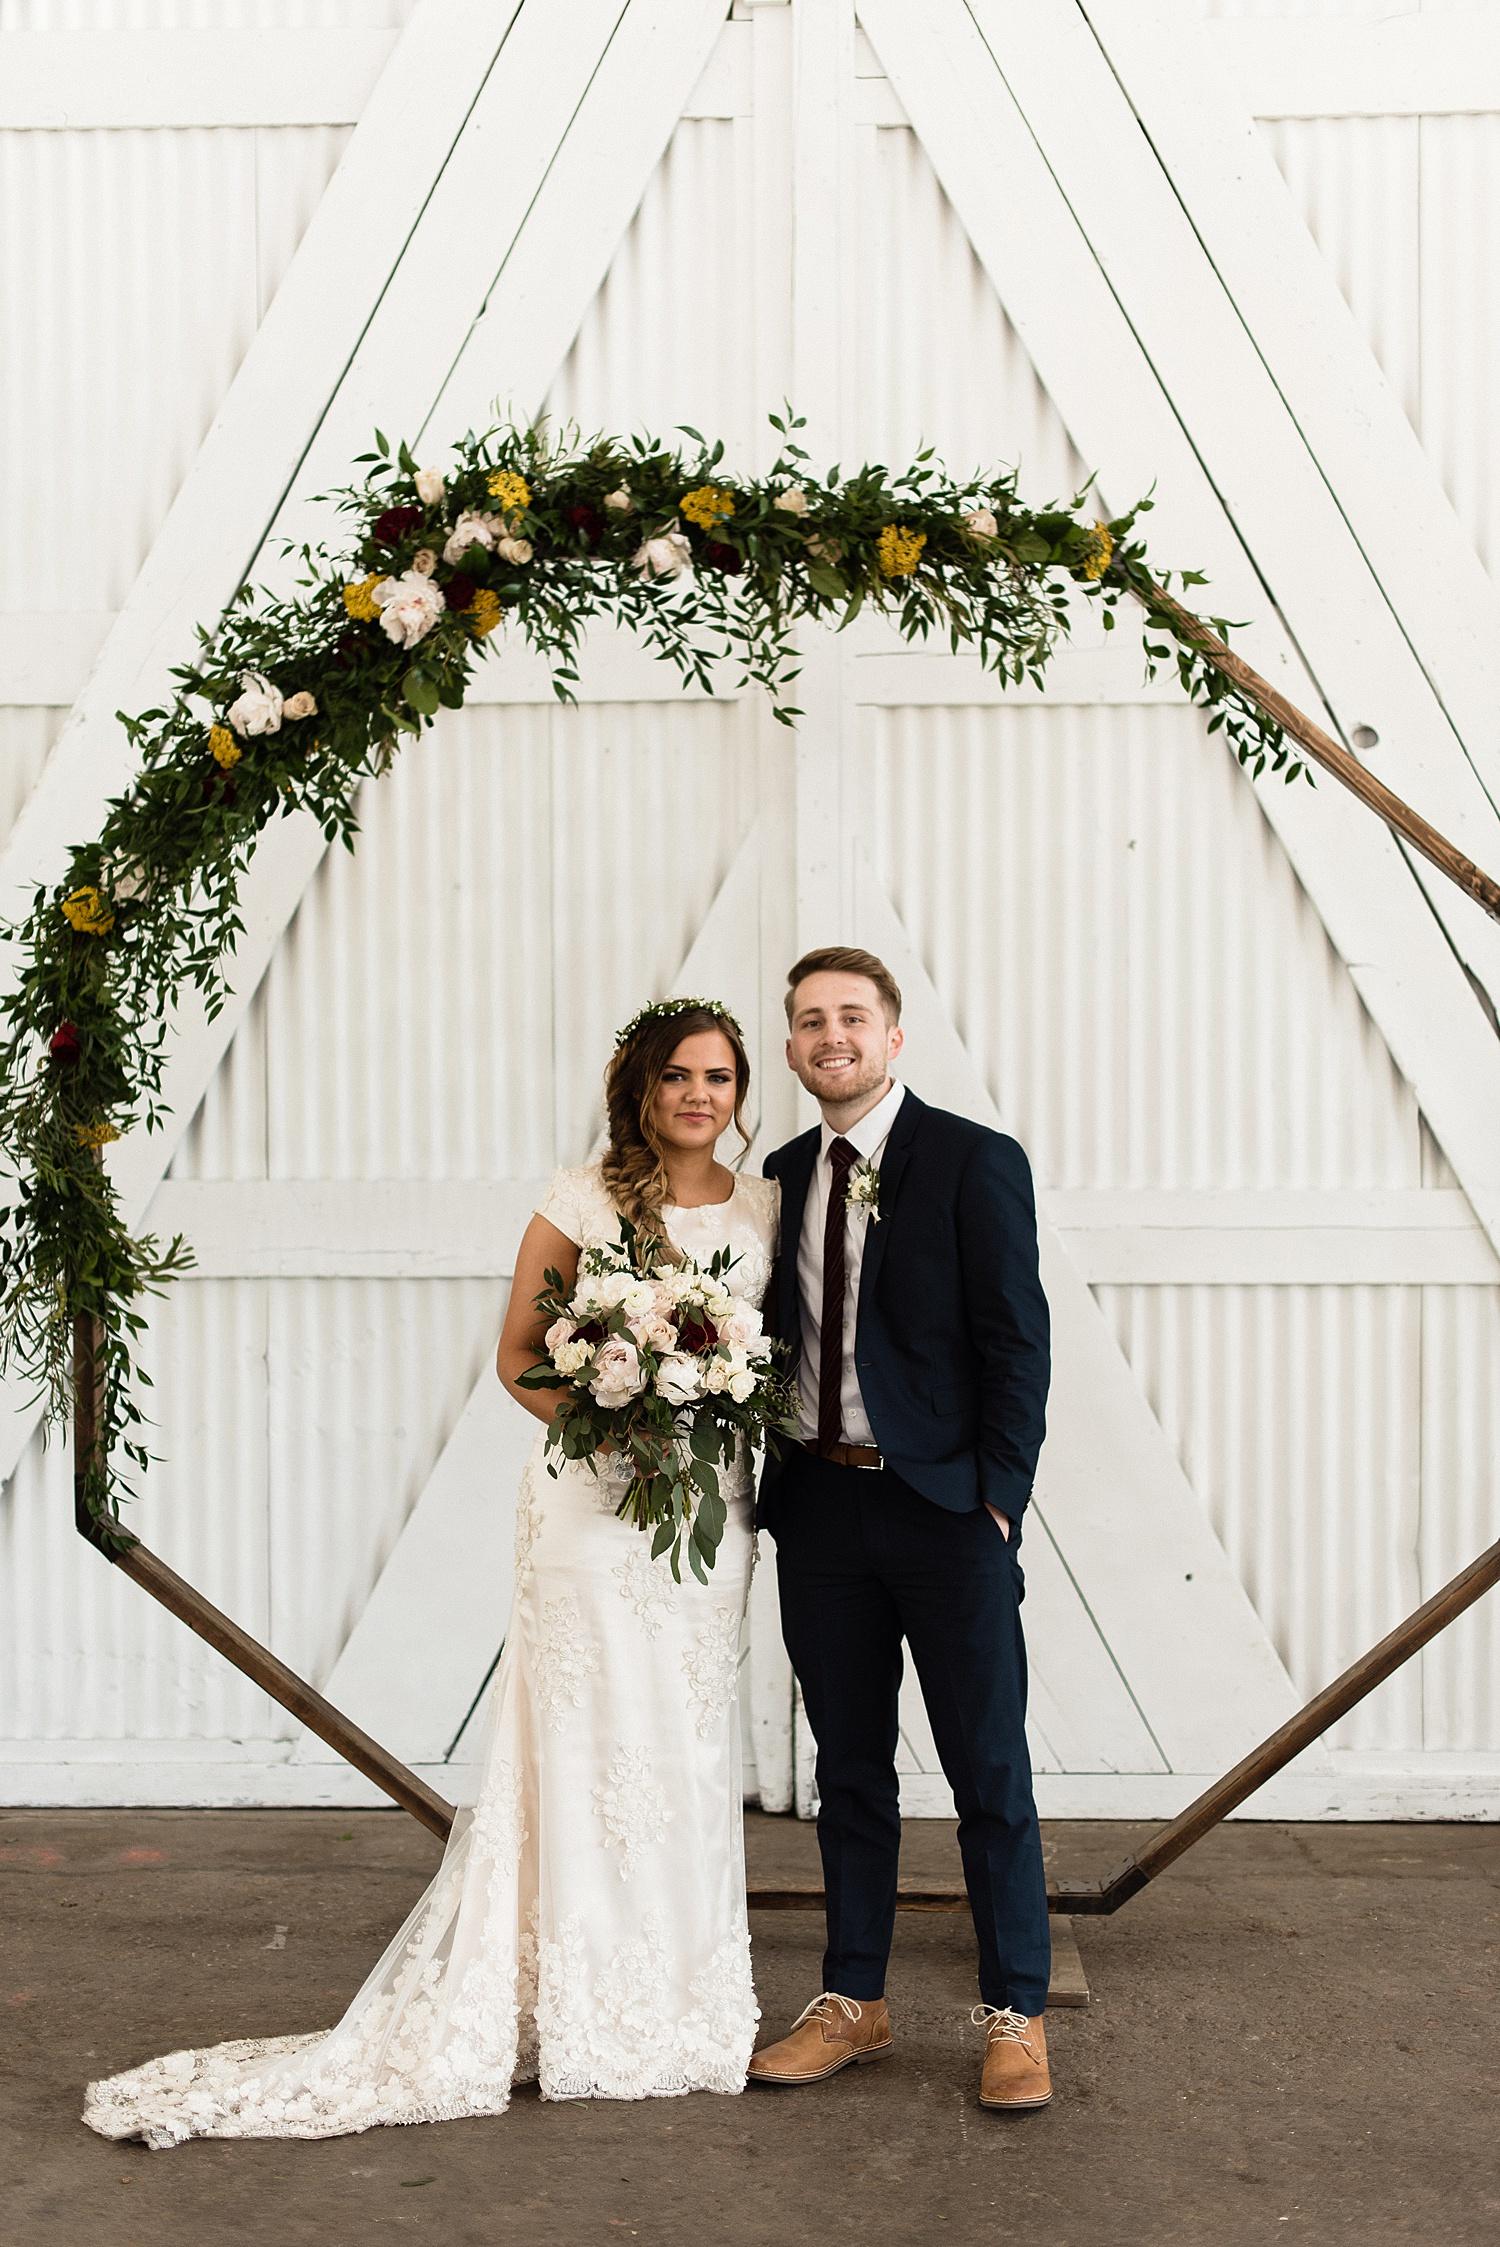 Zandra Barriga Photo - Dallas and Megan Wedding_0059.jpg